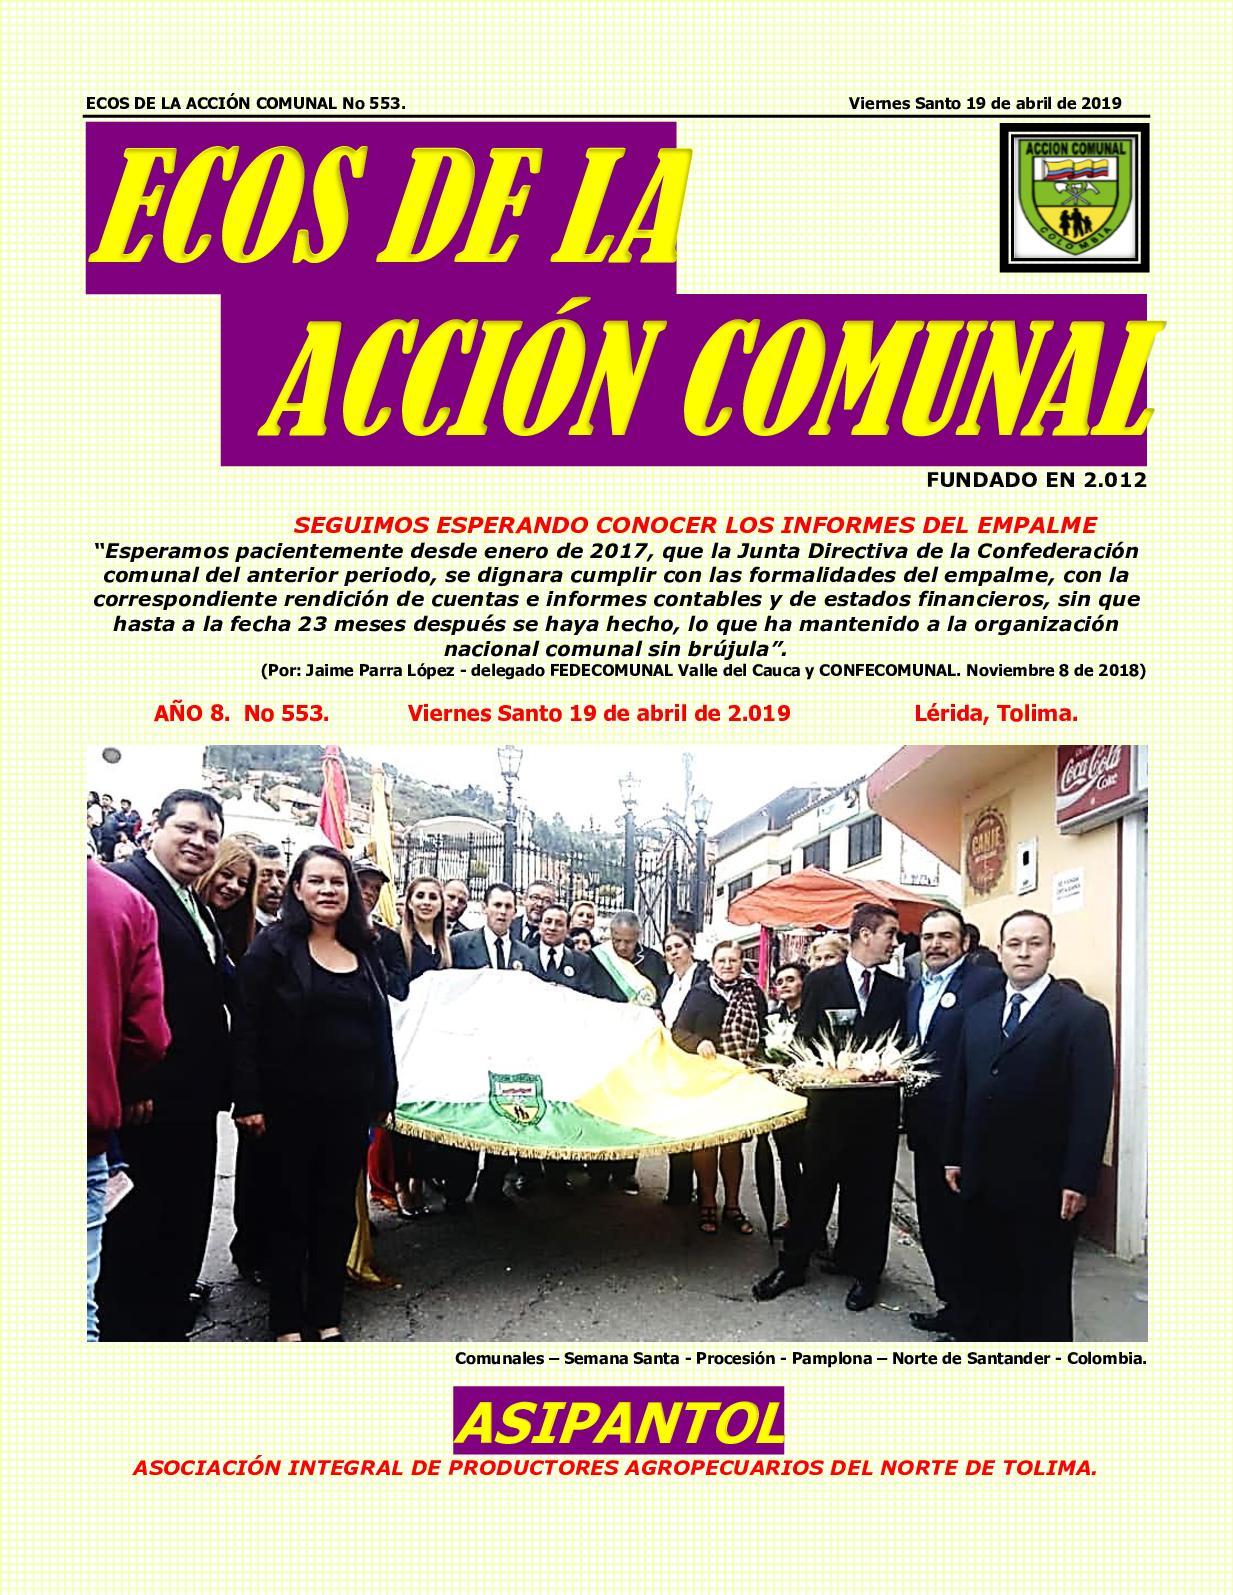 Ecos De La Acción Comunal No 553 Viernes Santo 19 De Abril De 2019